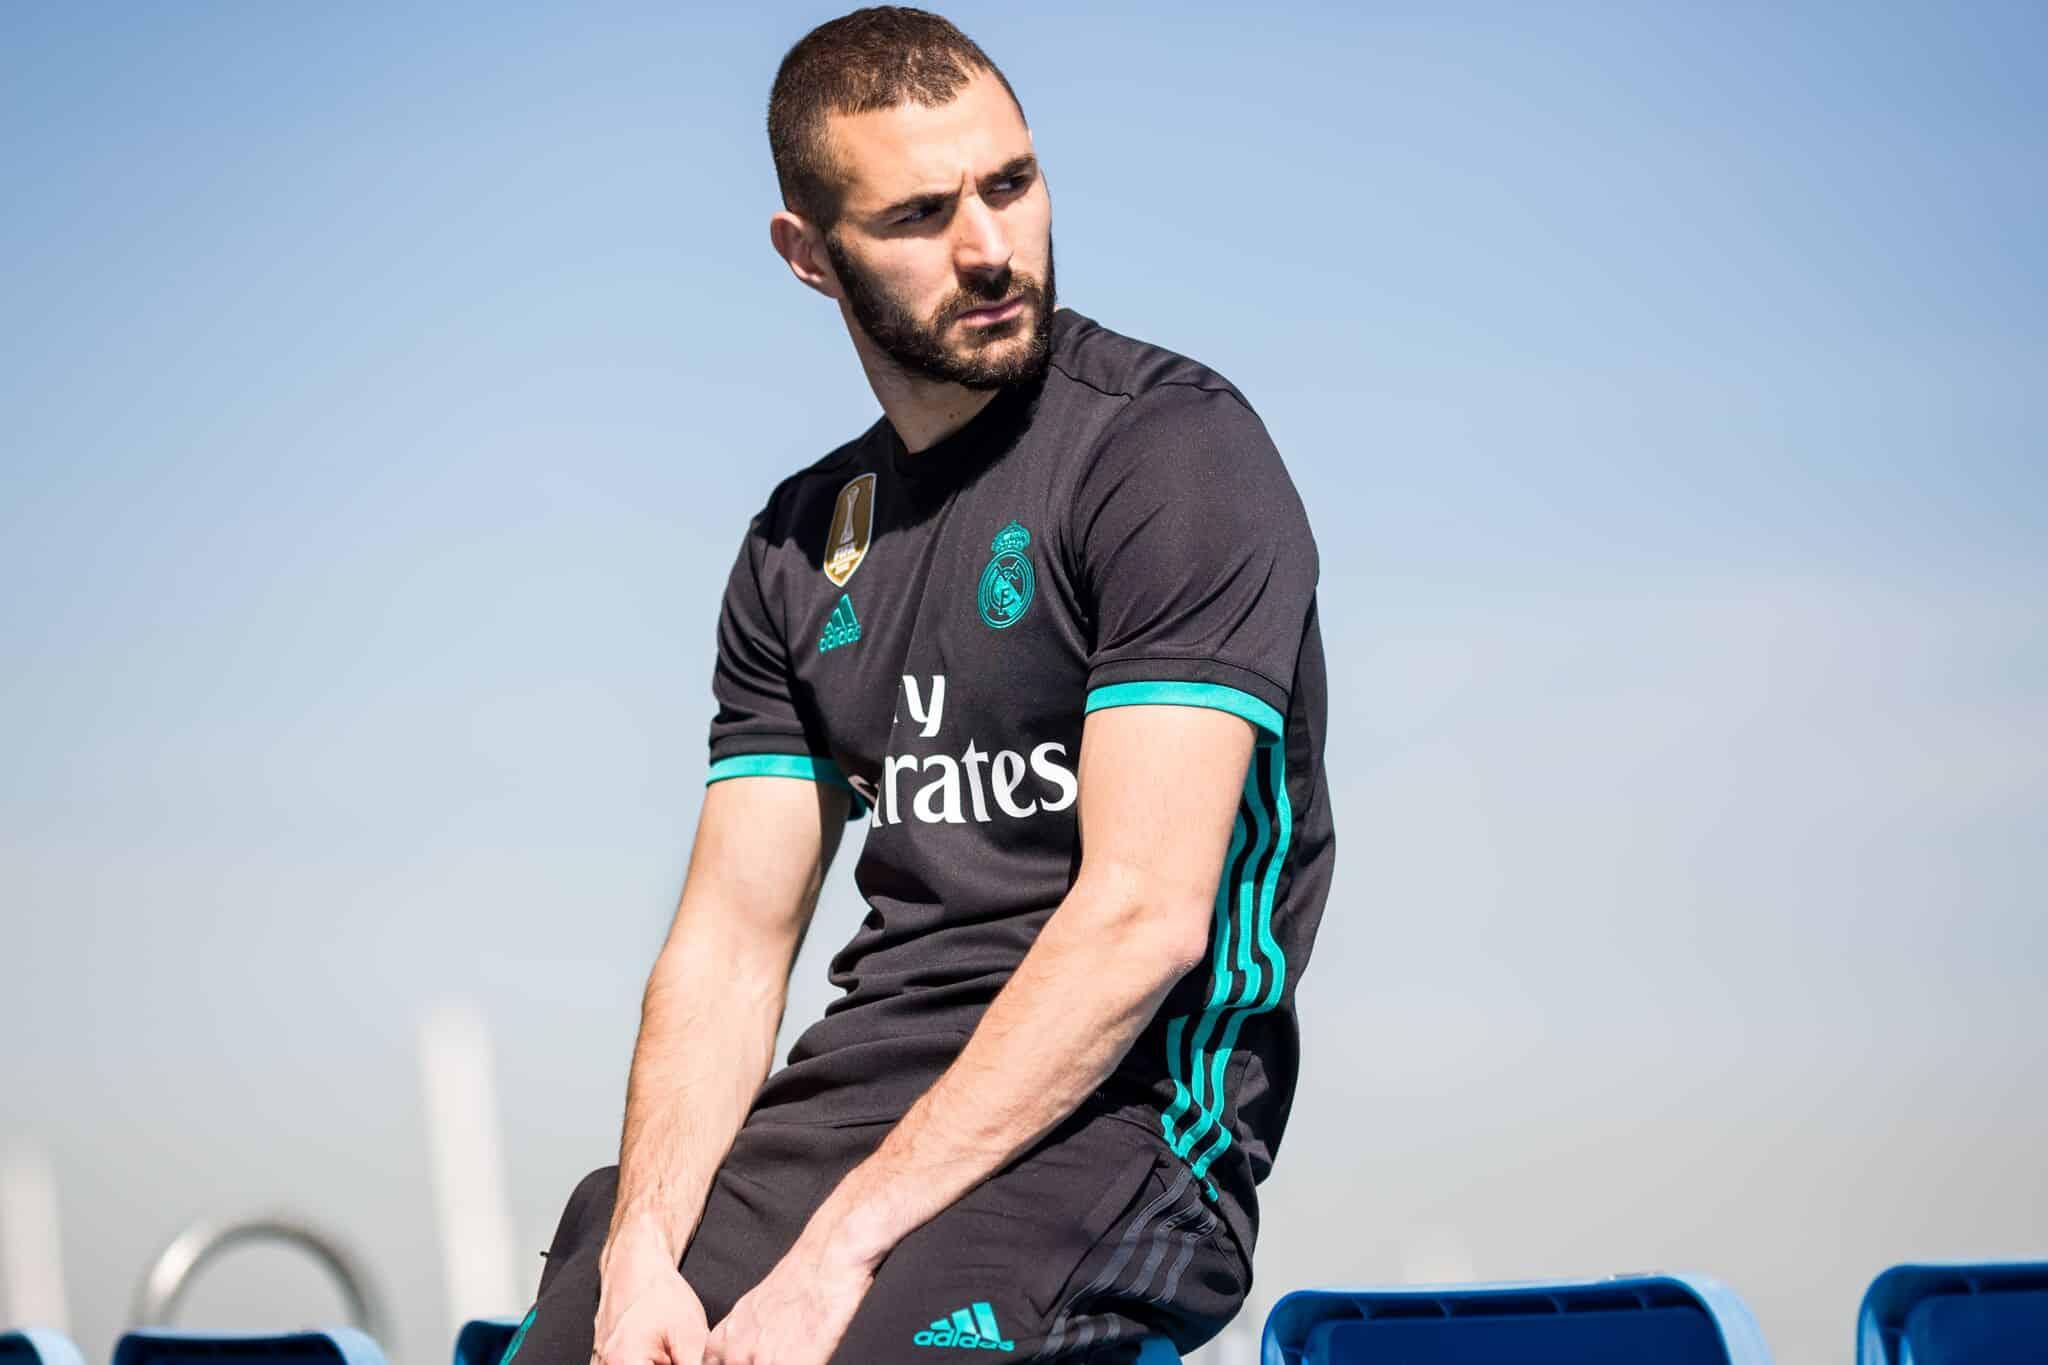 Les nouveaux maillots du Real Madrid pour la saison 2017